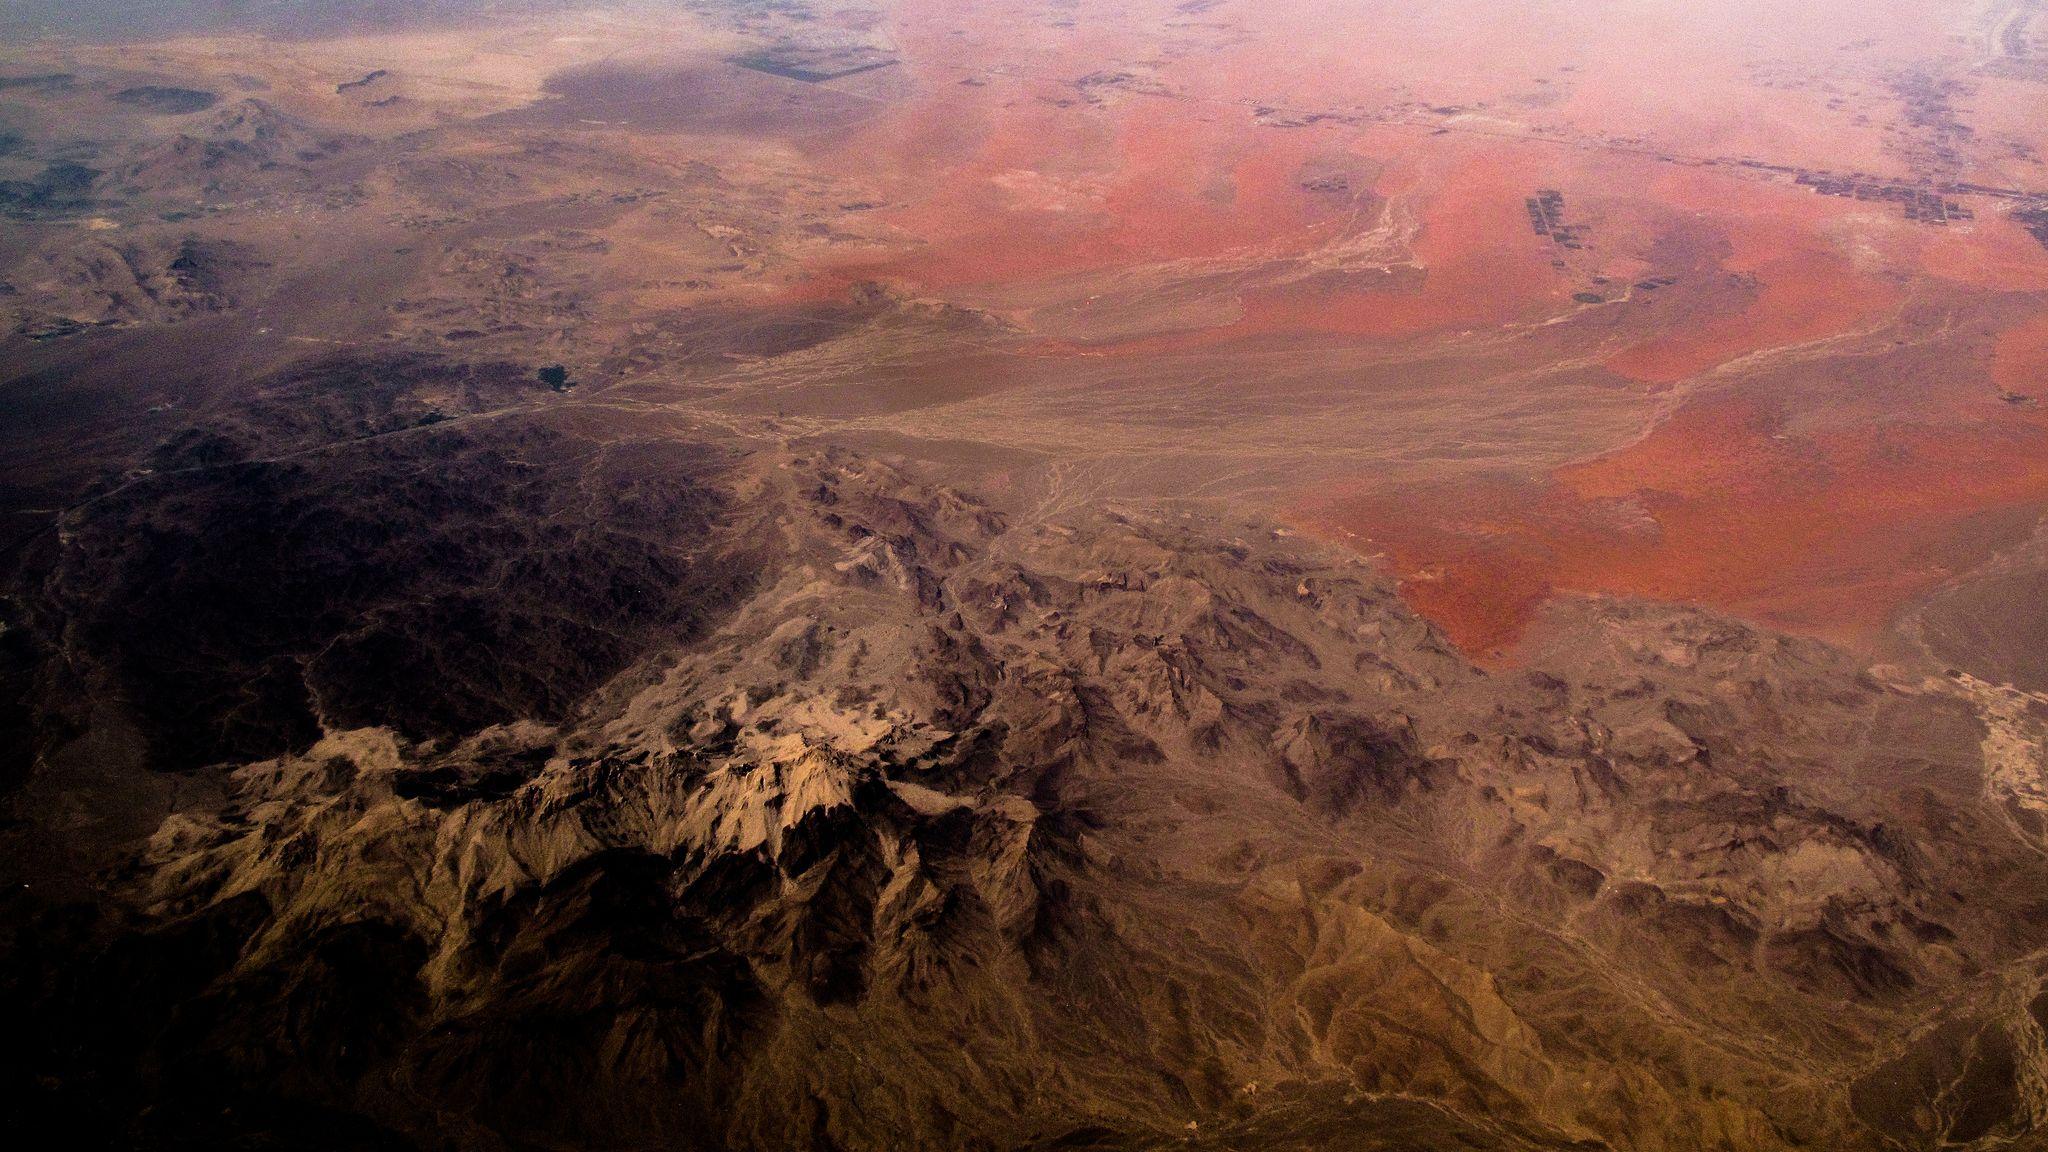 気候変動:二酸化炭素を石化して貯蔵できるか?